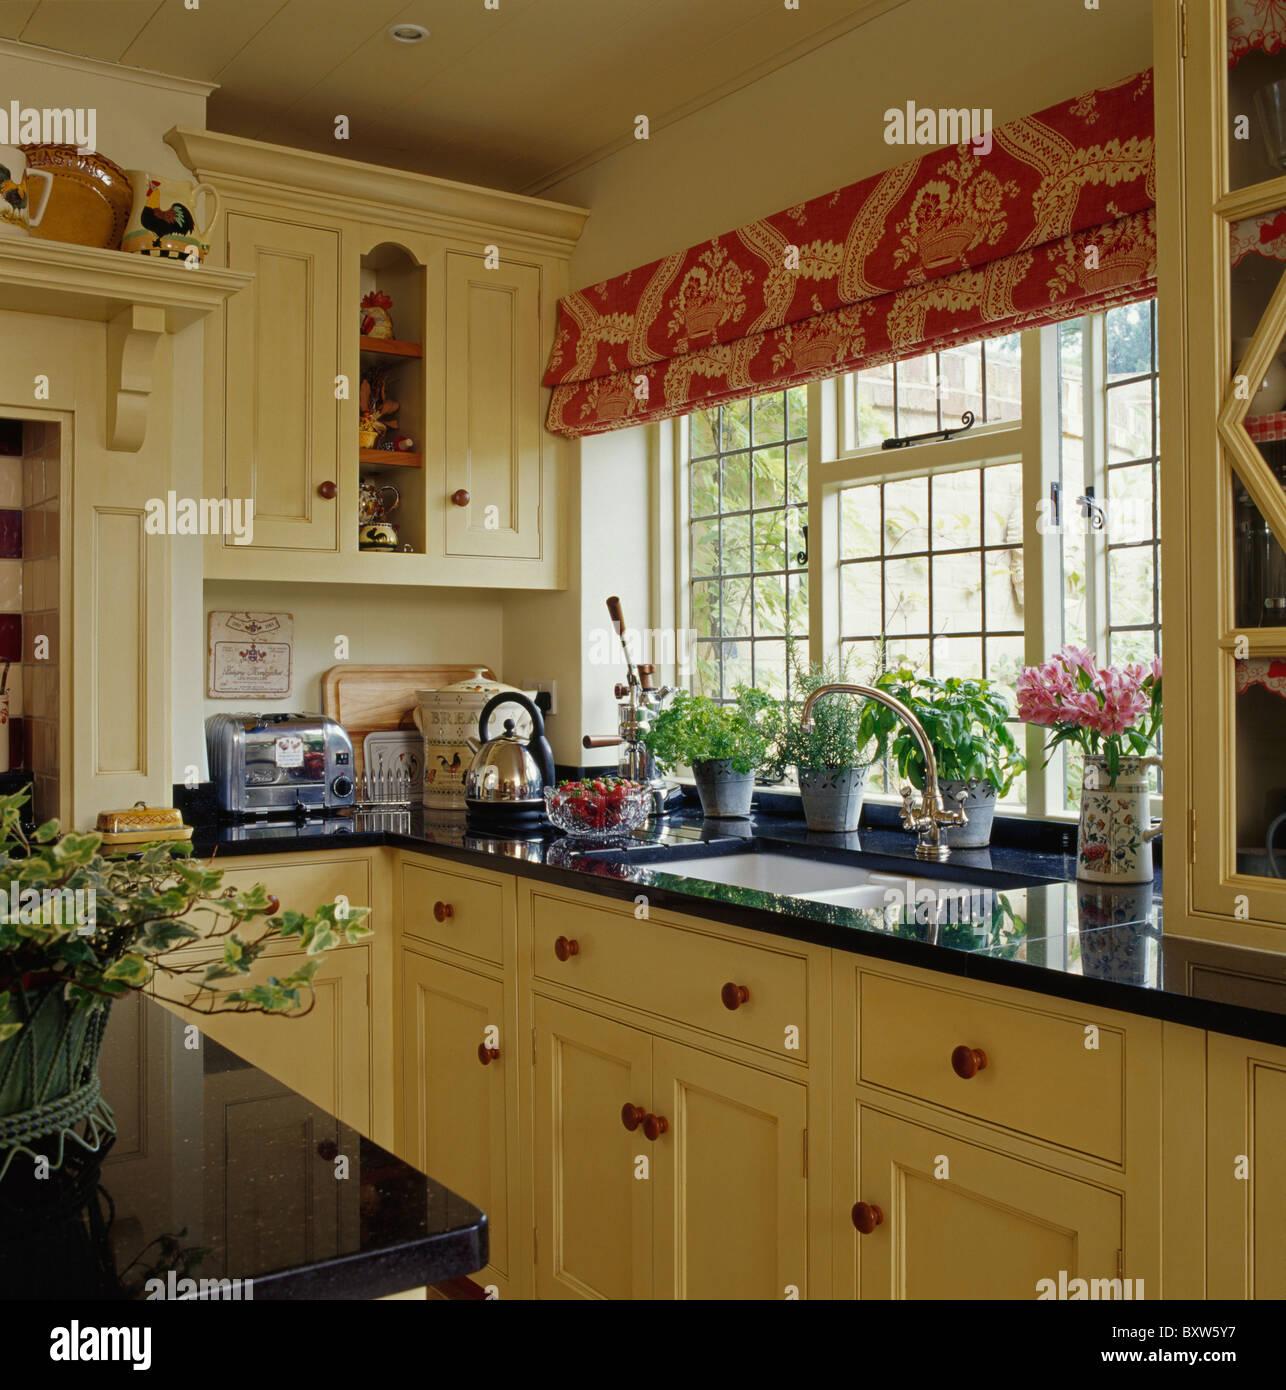 Gemusterten rot blinde Fenster im Landhaus-Küche mit Granit ...